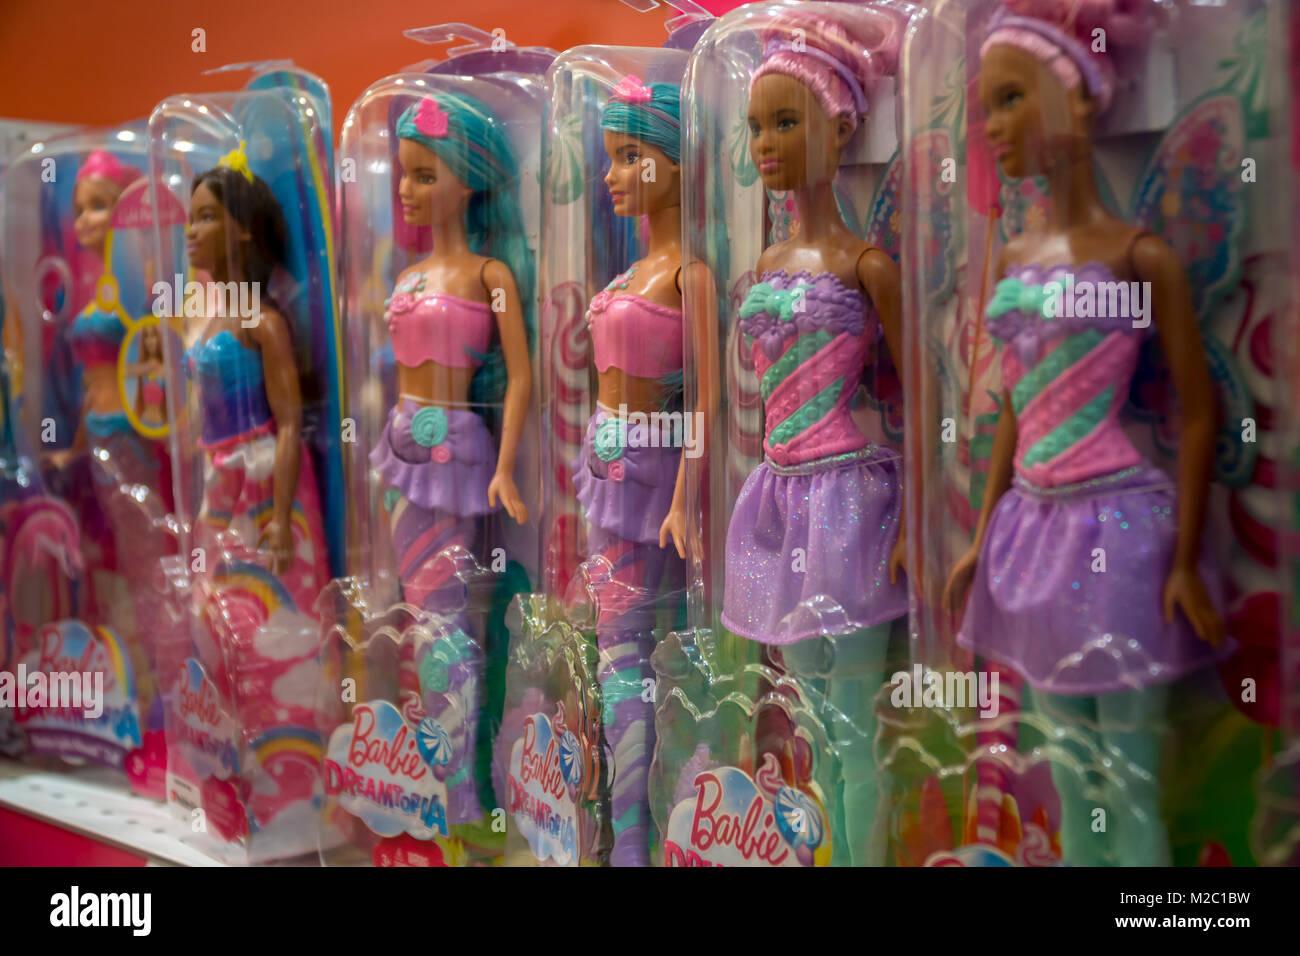 Eine Zusammenstellung Der Verschiedenen Mattel Barbie Puppen In Der